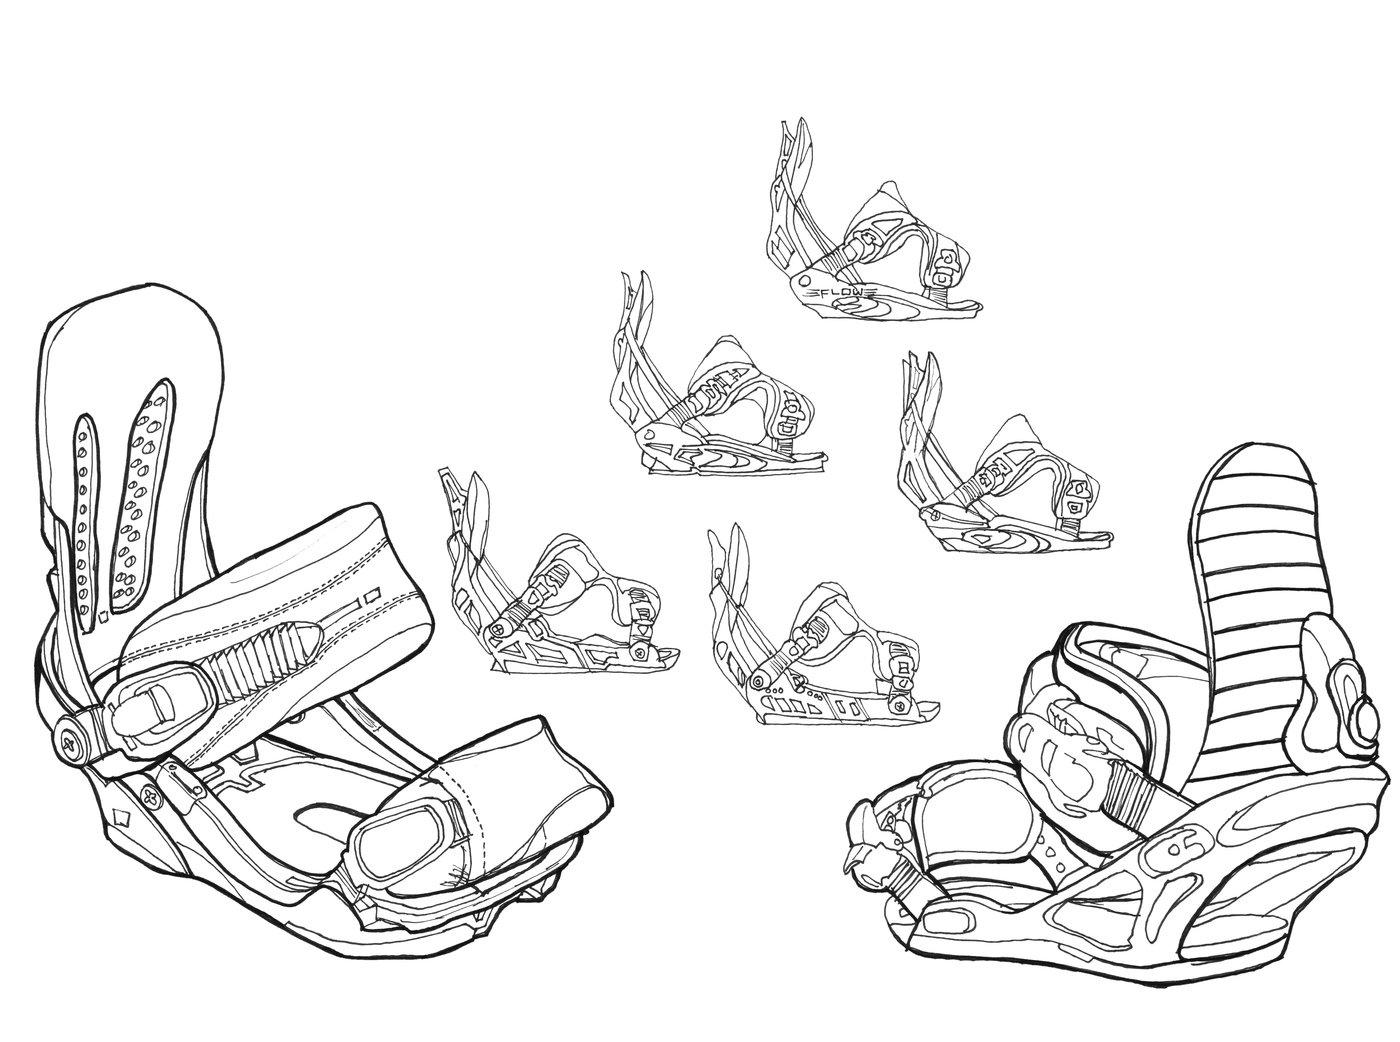 Sketches By Michael Ryan Zaleta At Coroflot